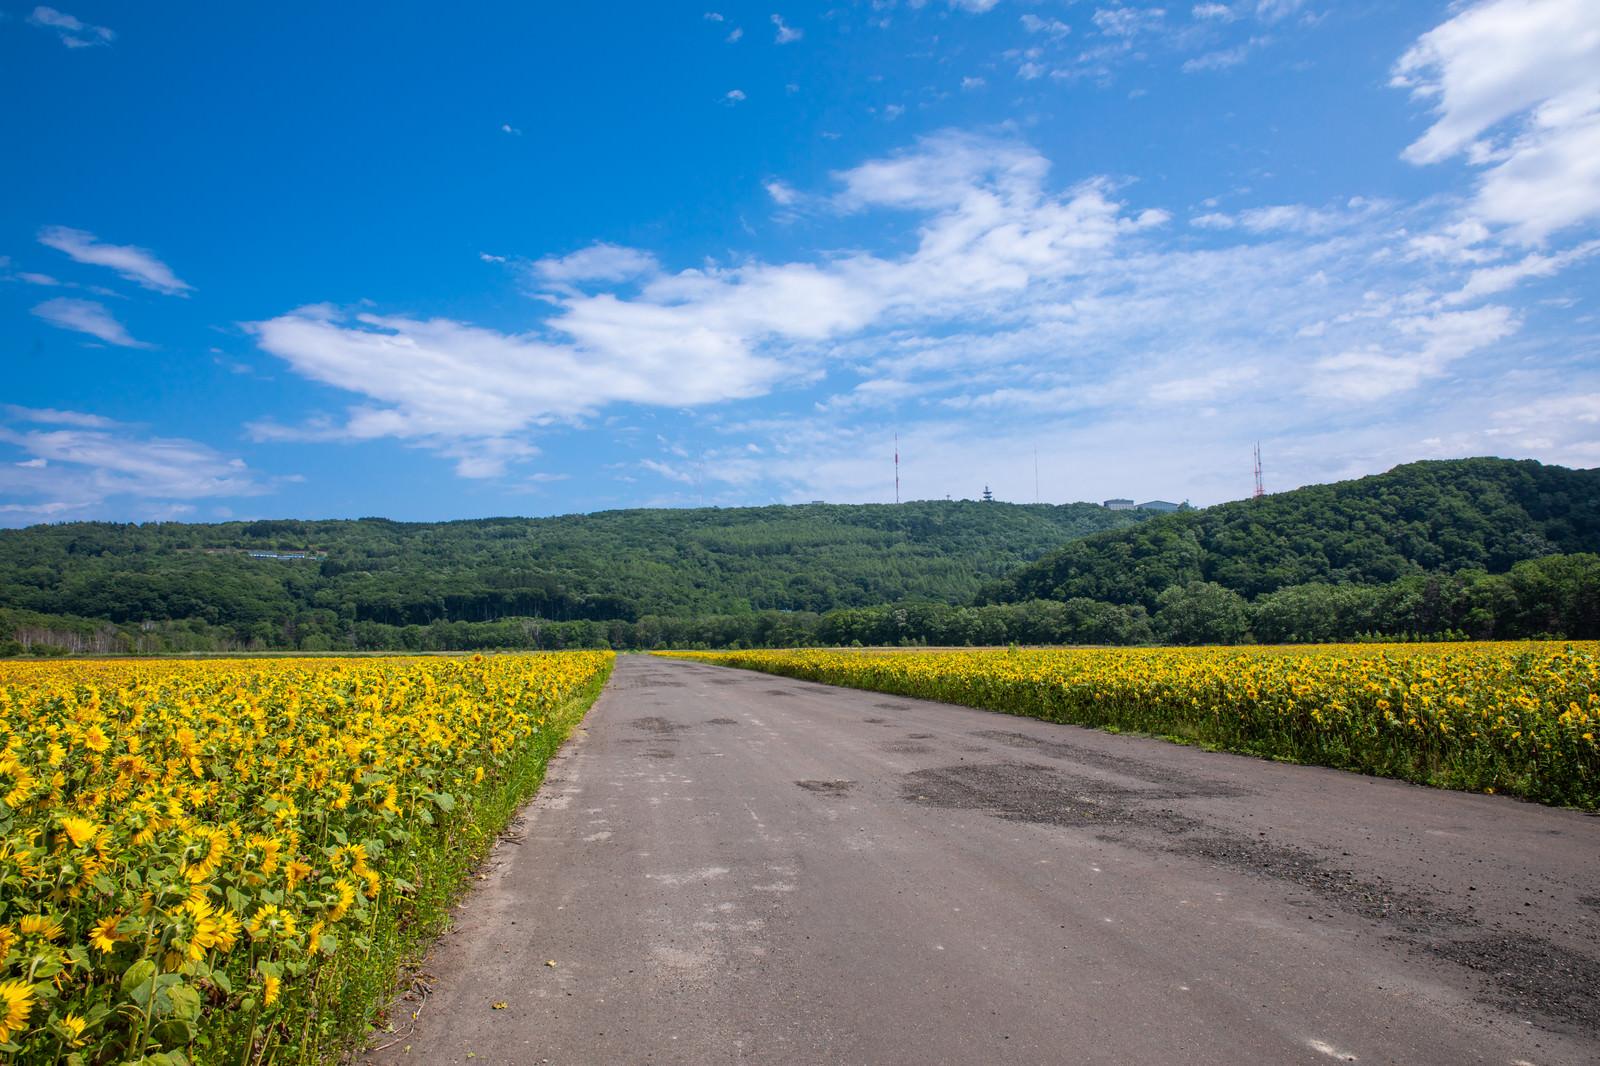 「ヒマワリ畑の間を通る道路 | 写真の無料素材・フリー素材 - ぱくたそ」の写真